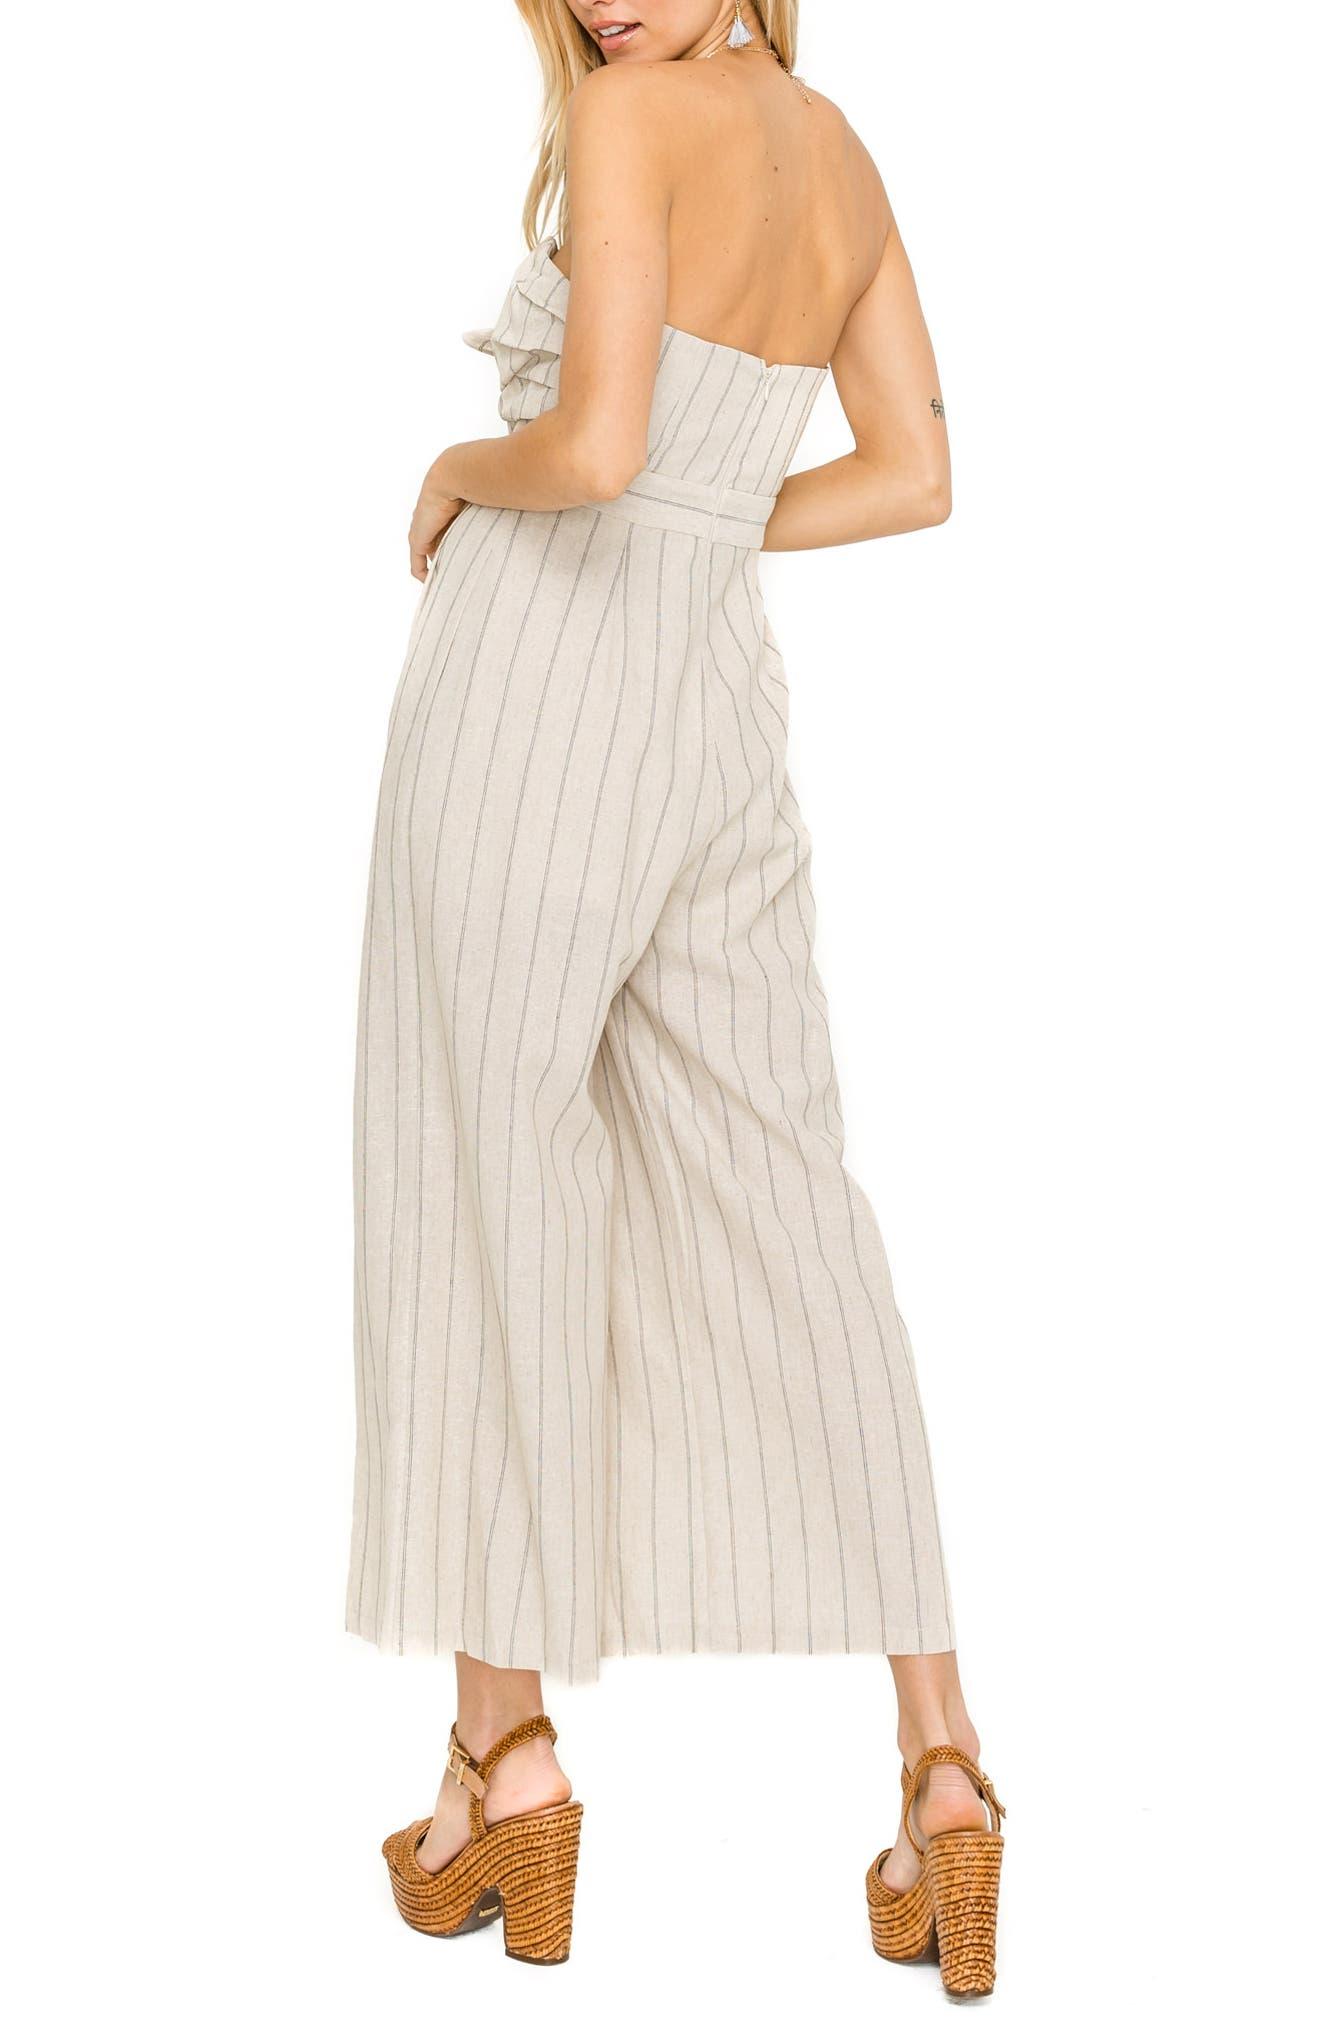 ASTR THE LABEL, Mara Strapless Cotton & Linen Jumpsuit, Alternate thumbnail 2, color, NATURAL/ BLACK STRIPE